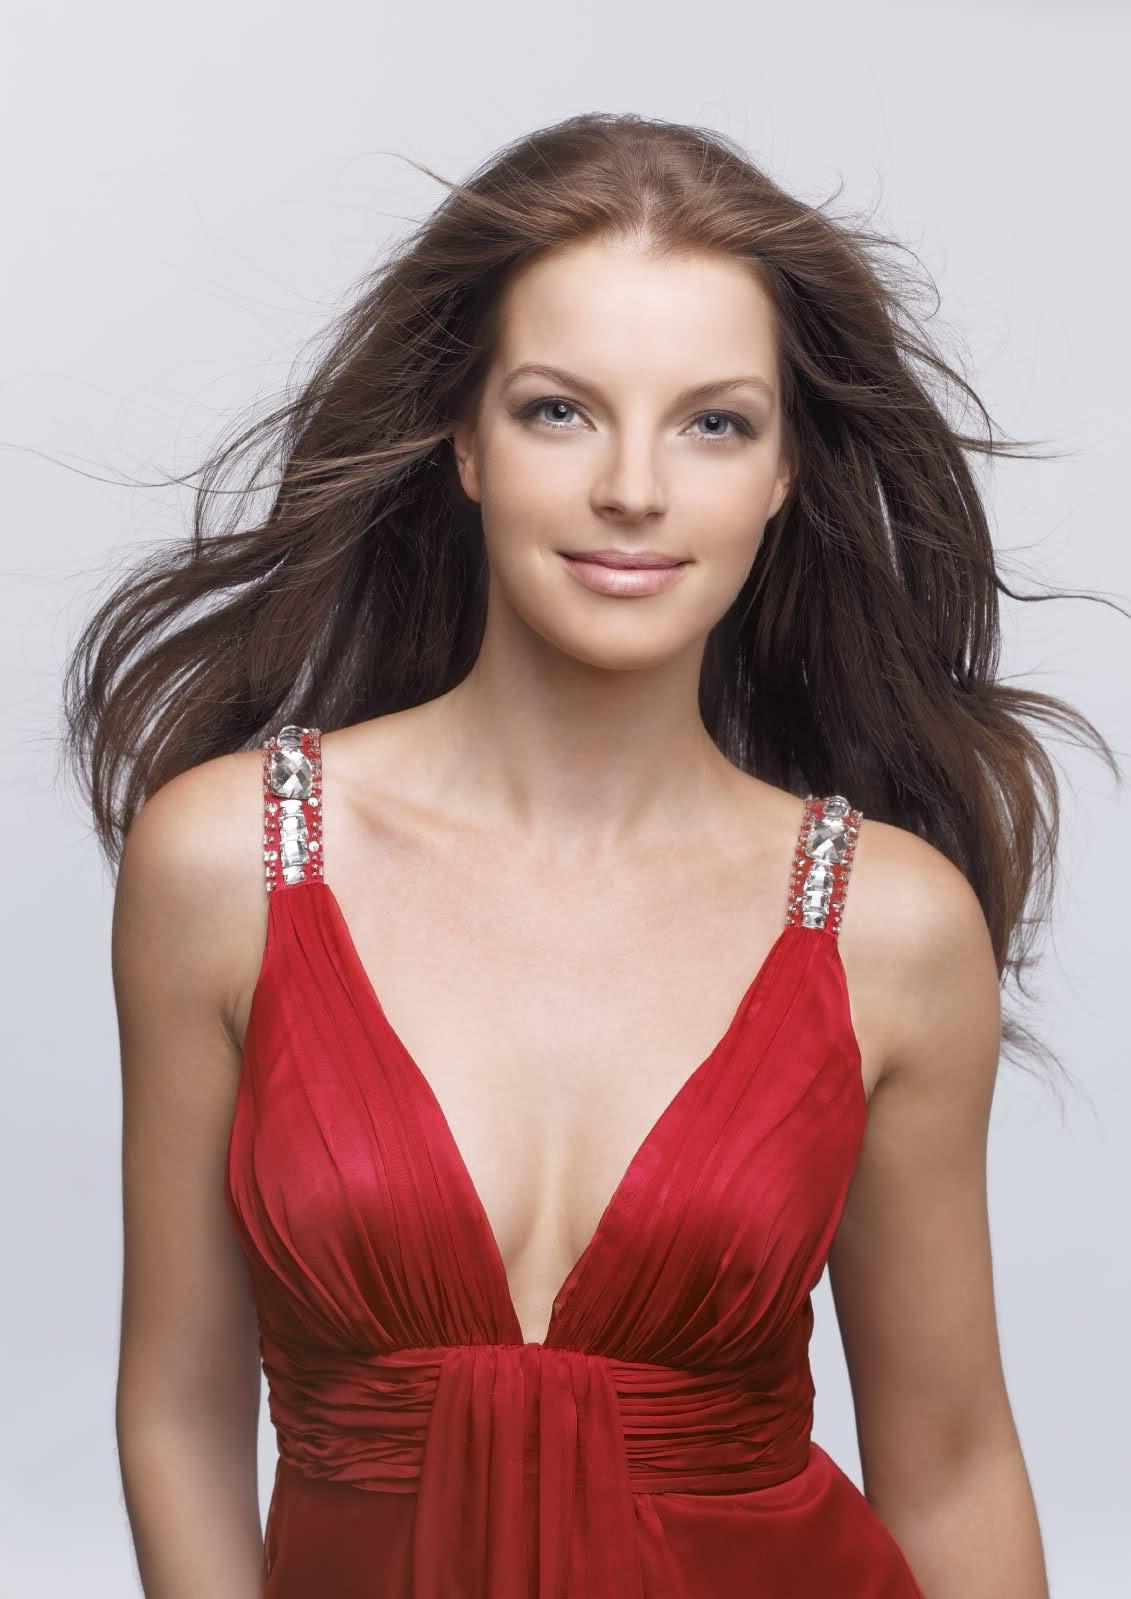 http://3.bp.blogspot.com/-odVyUK07s2U/TzqyItikdZI/AAAAAAAAAaE/MZ4-k-jR8hc/s1600/Sexiest+Yvonne+Catterfeld+%289%29.jpg